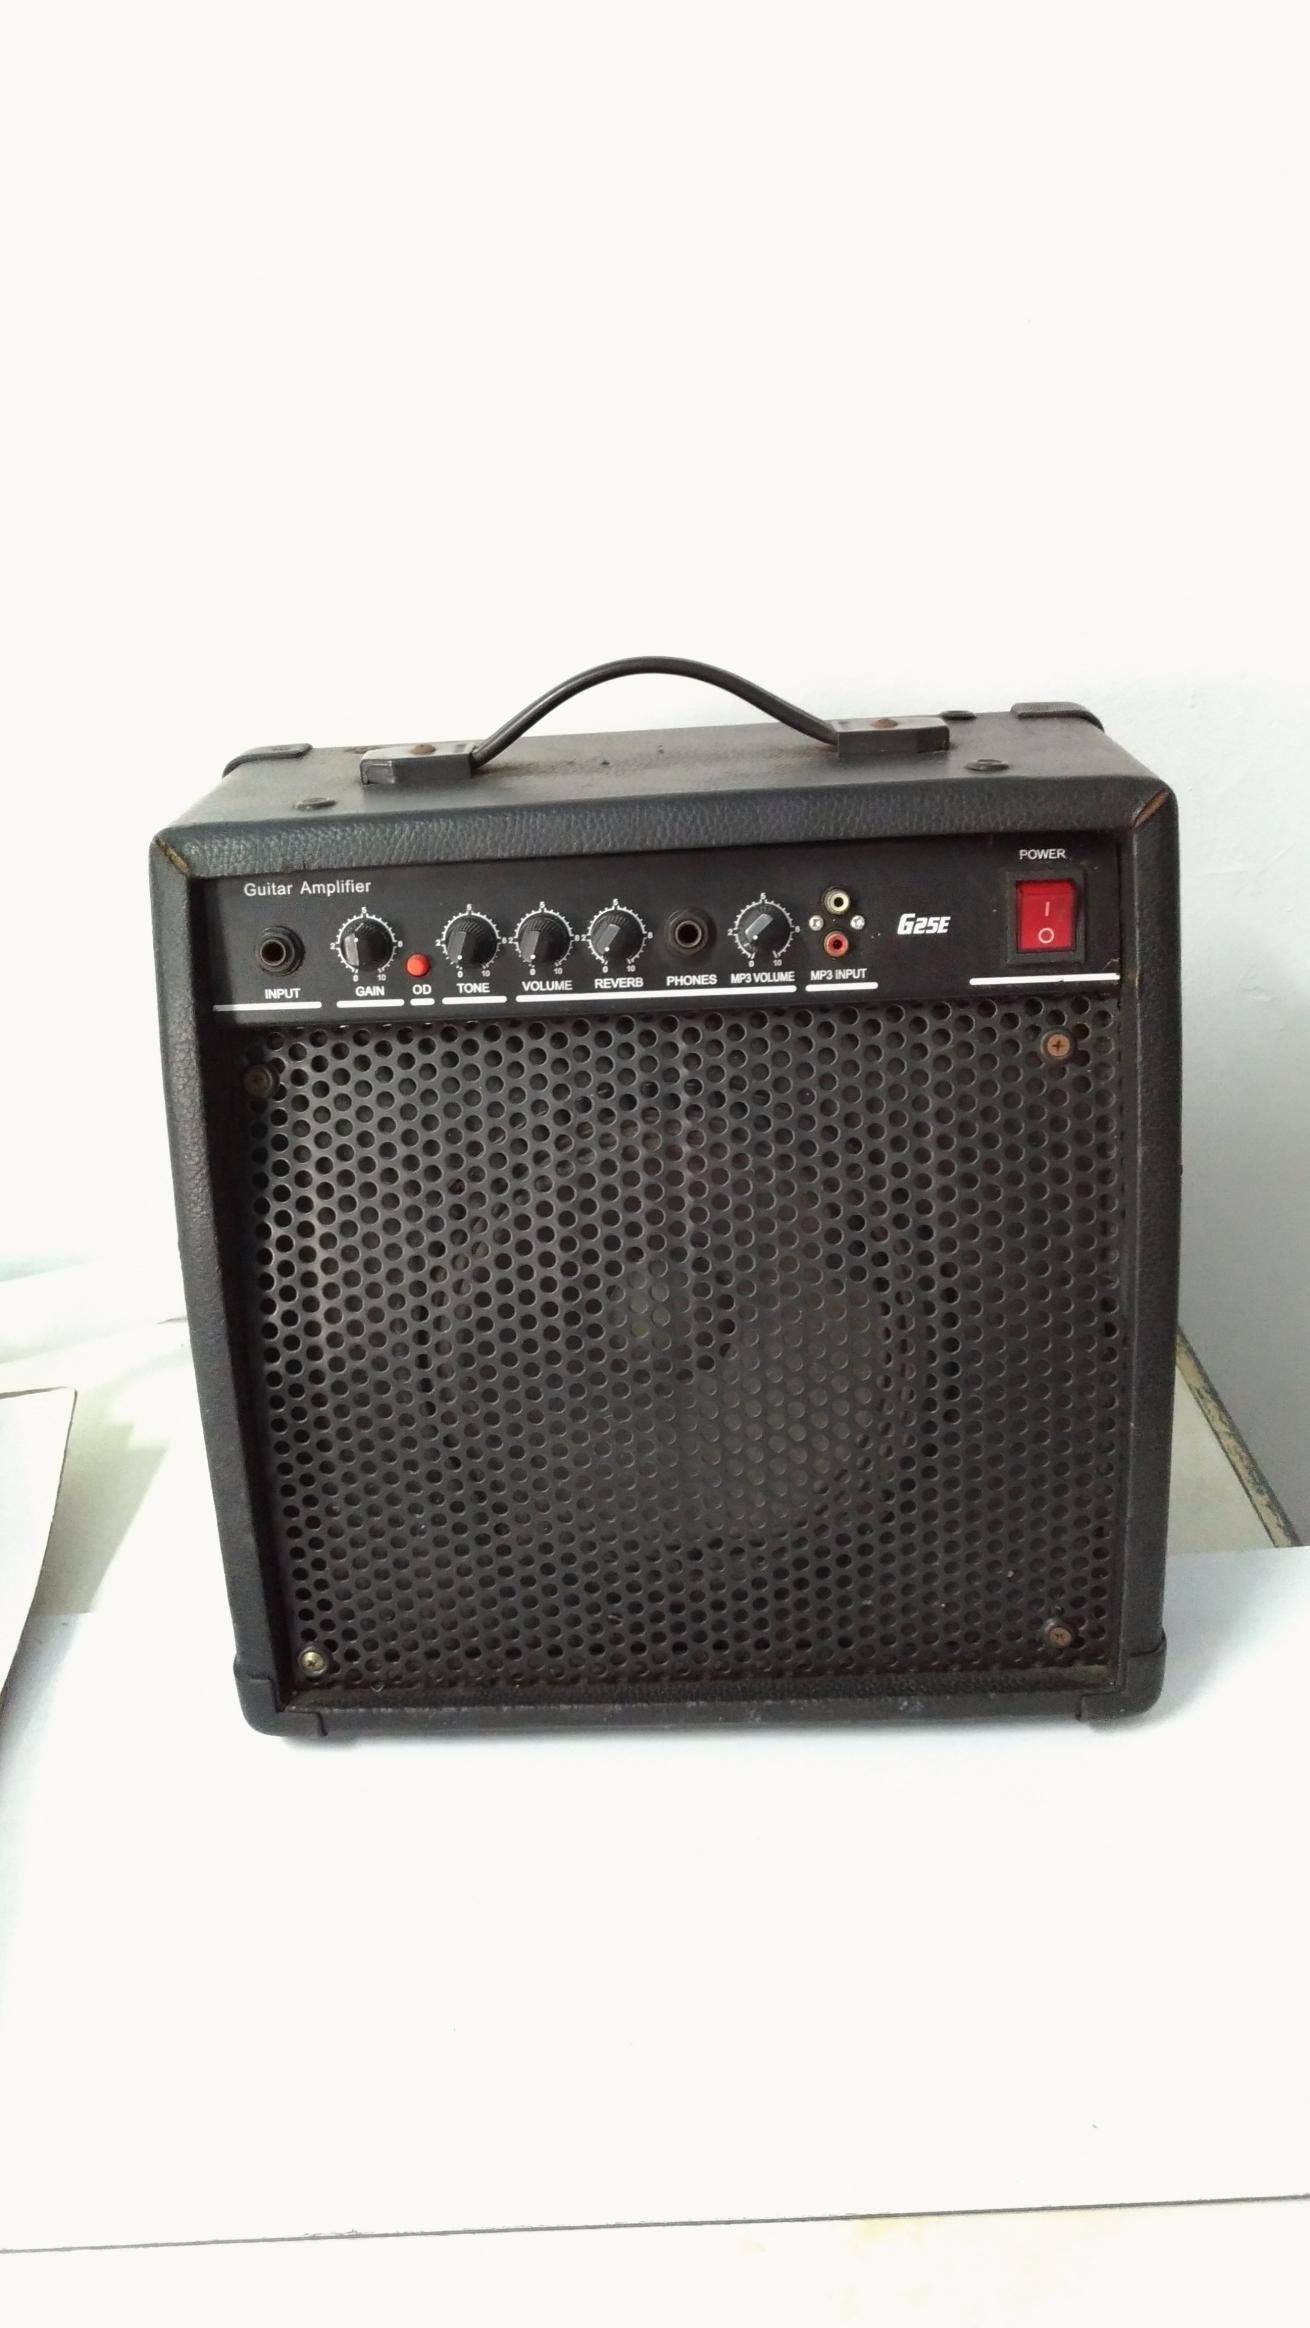 吉他擴音音箱,可以另外音源輸入。